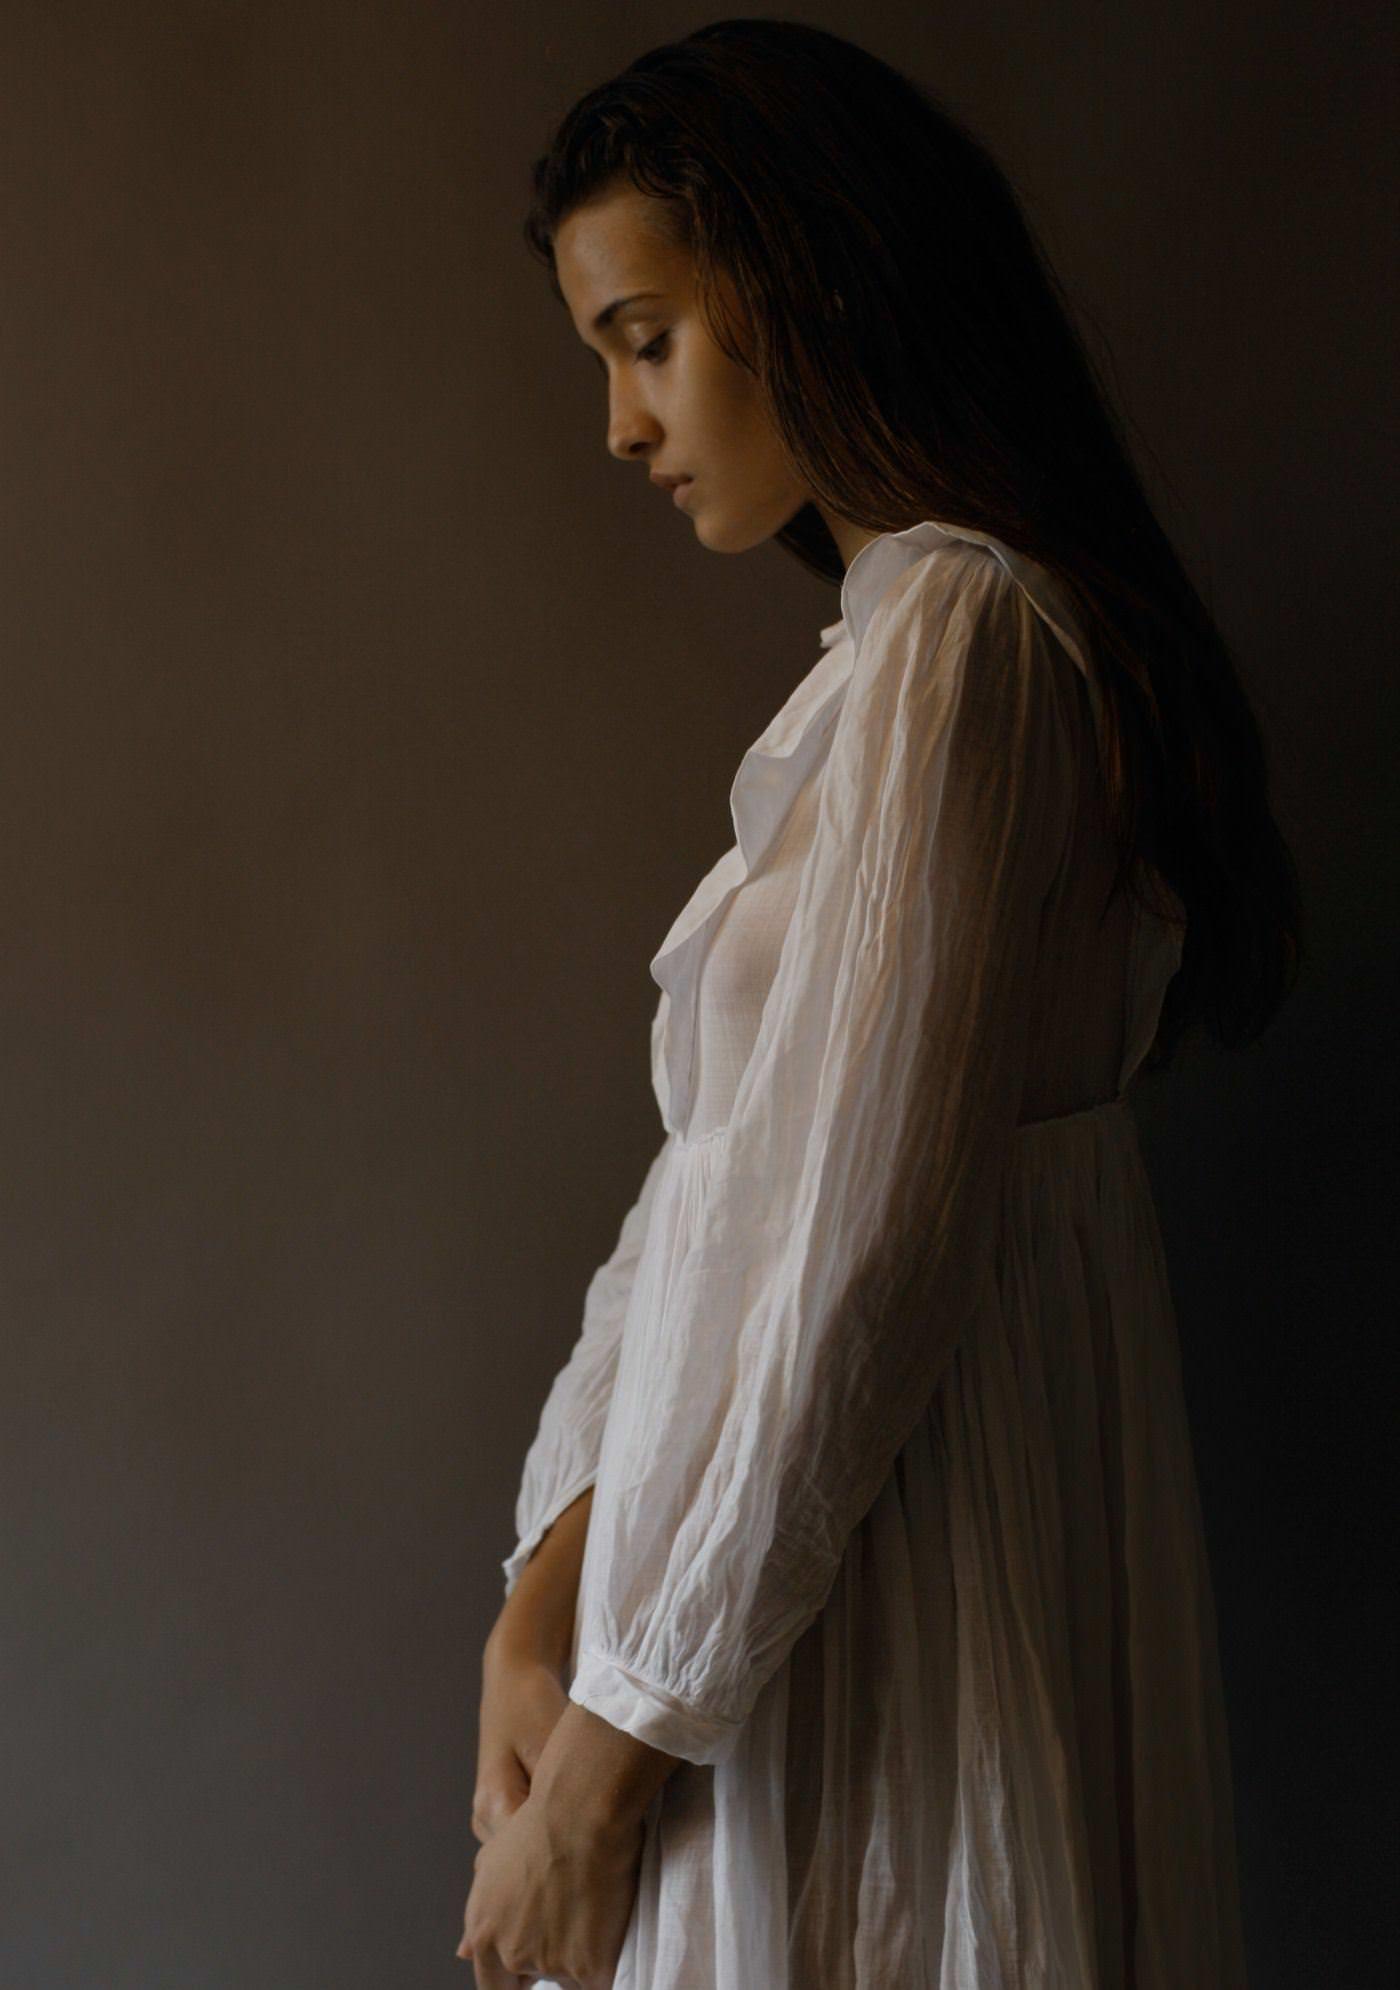 【外人】リサ・ソトニコブ(Lisa Sotnikov)が醸し出す妖艶なセミヌードポルノ画像 16145